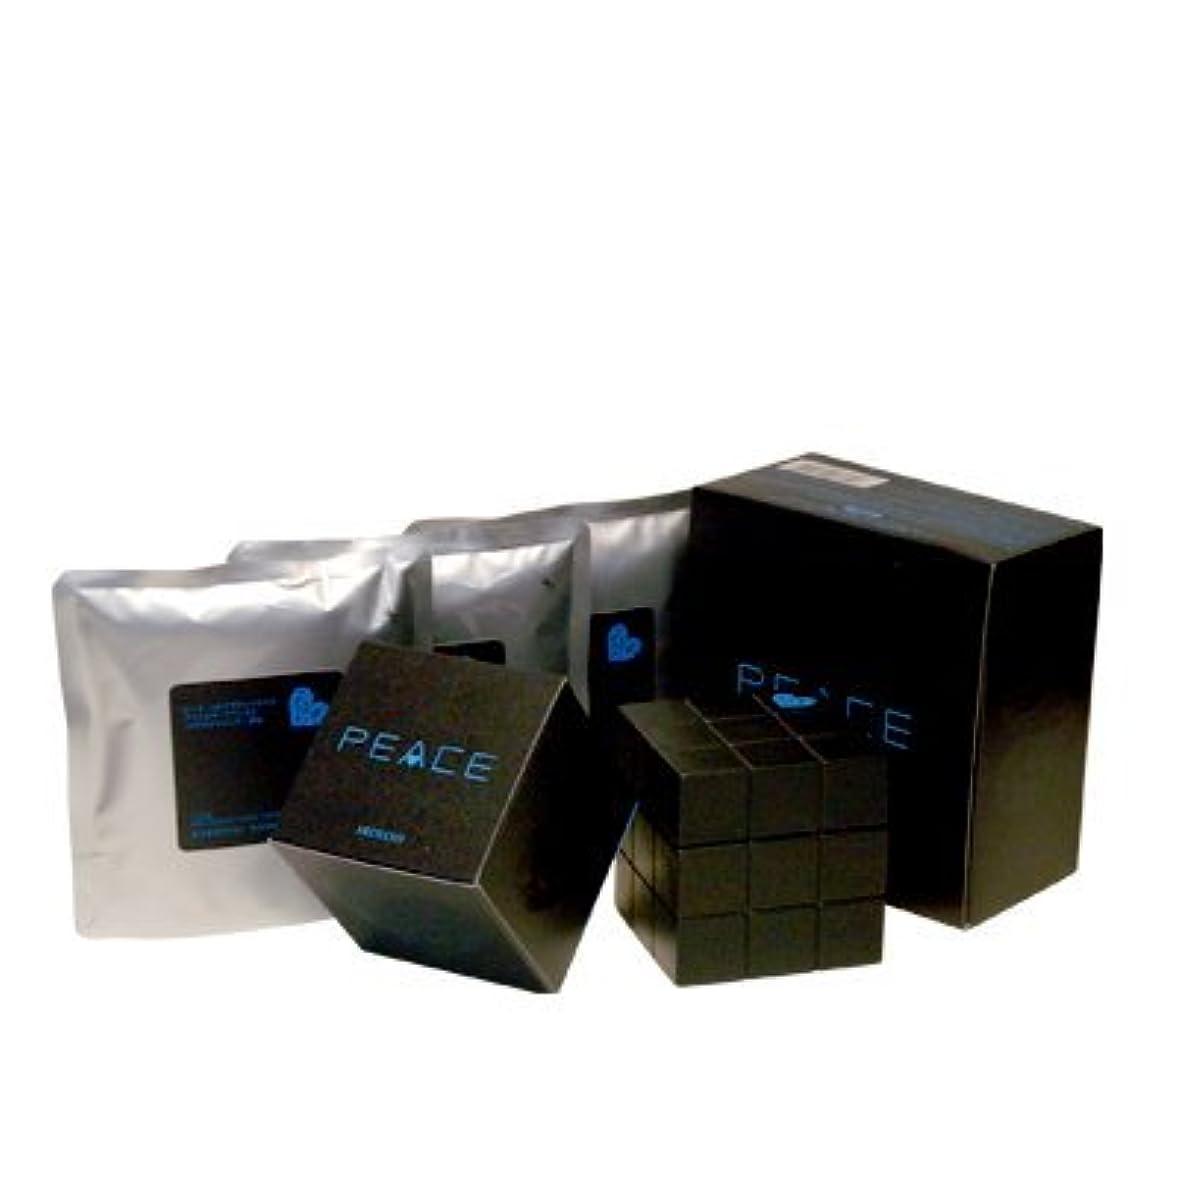 虫できればグラフィックアリミノ ピース プロデザインシリーズ フリーズキープワックス ブラック80g+詰め替え80g×3